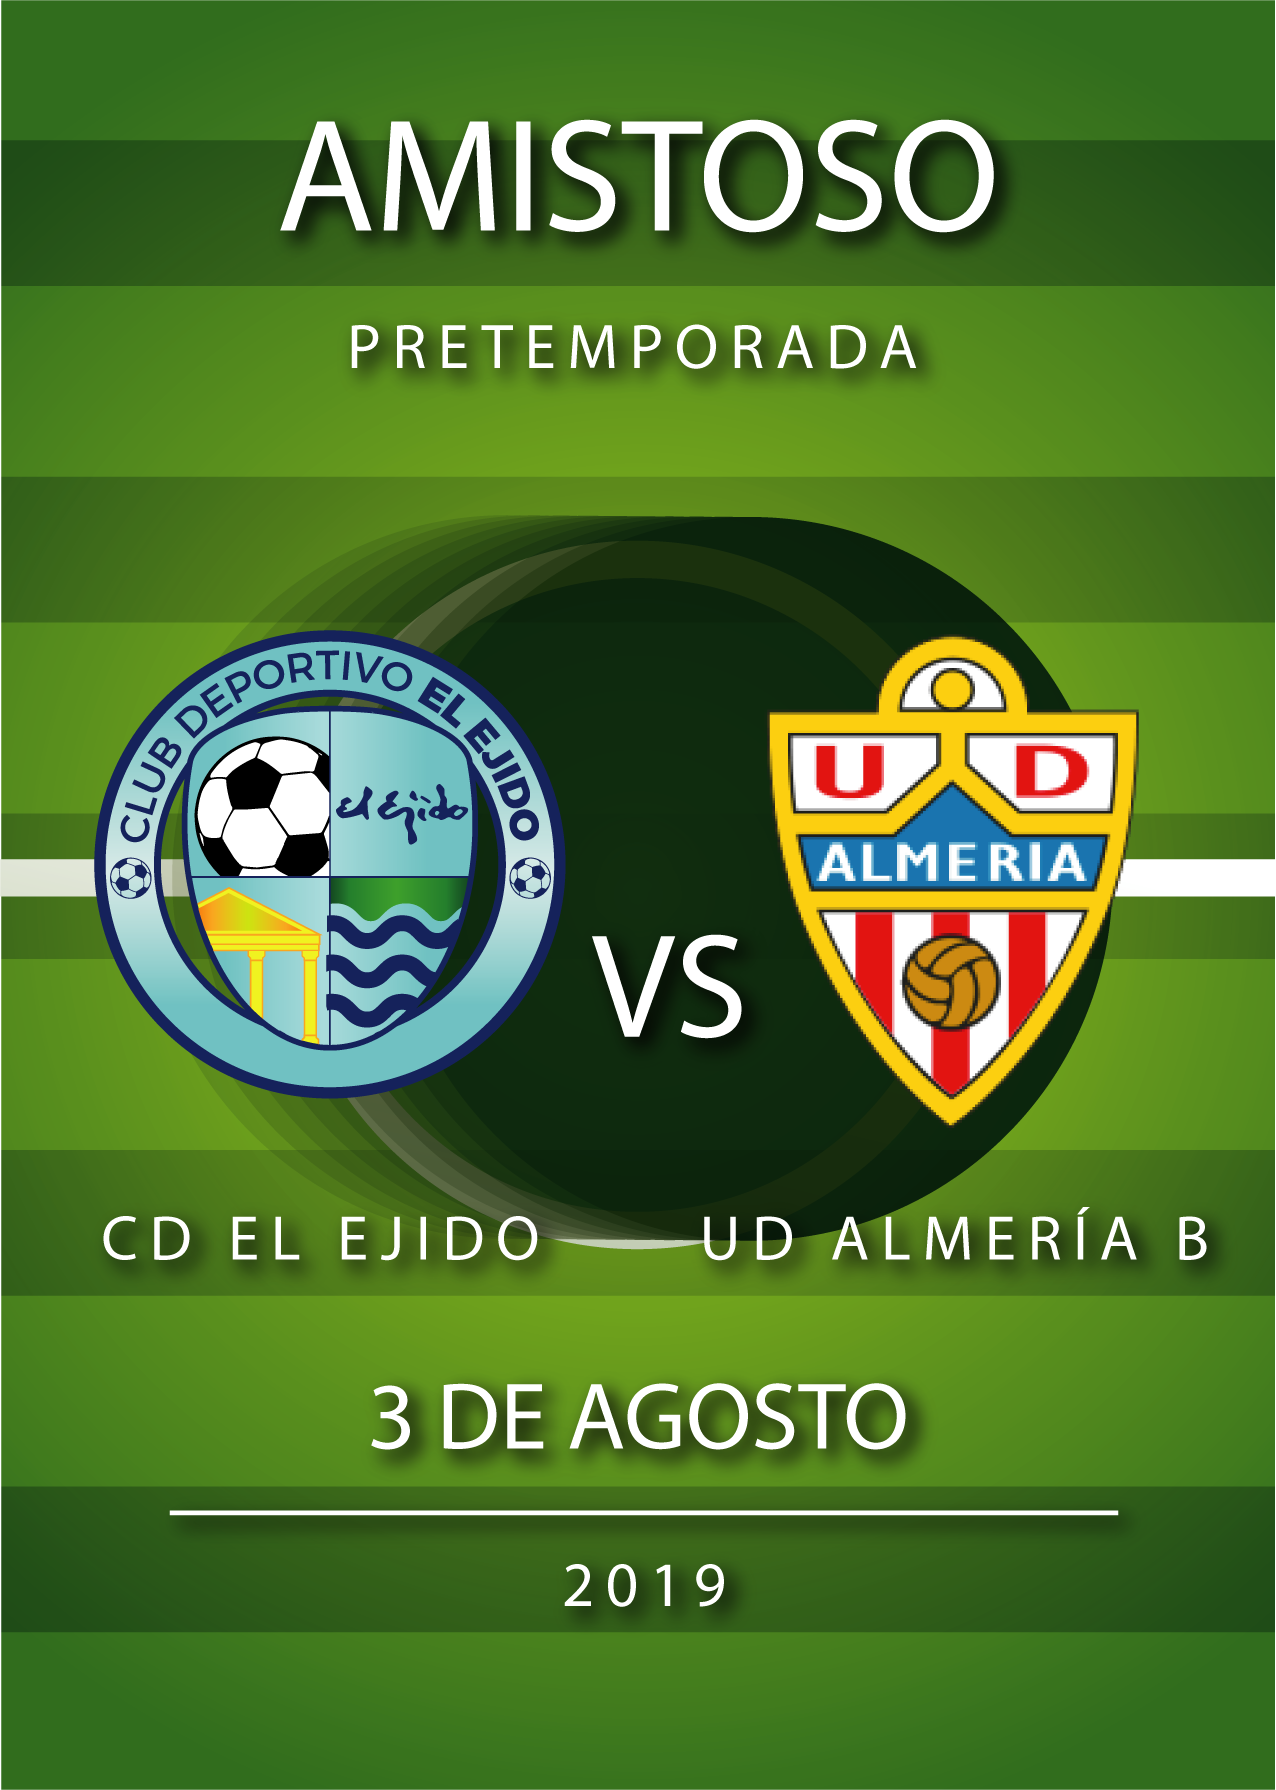 El CD El Ejido jugará un amistoso el 3 de agosto contra el Almería B